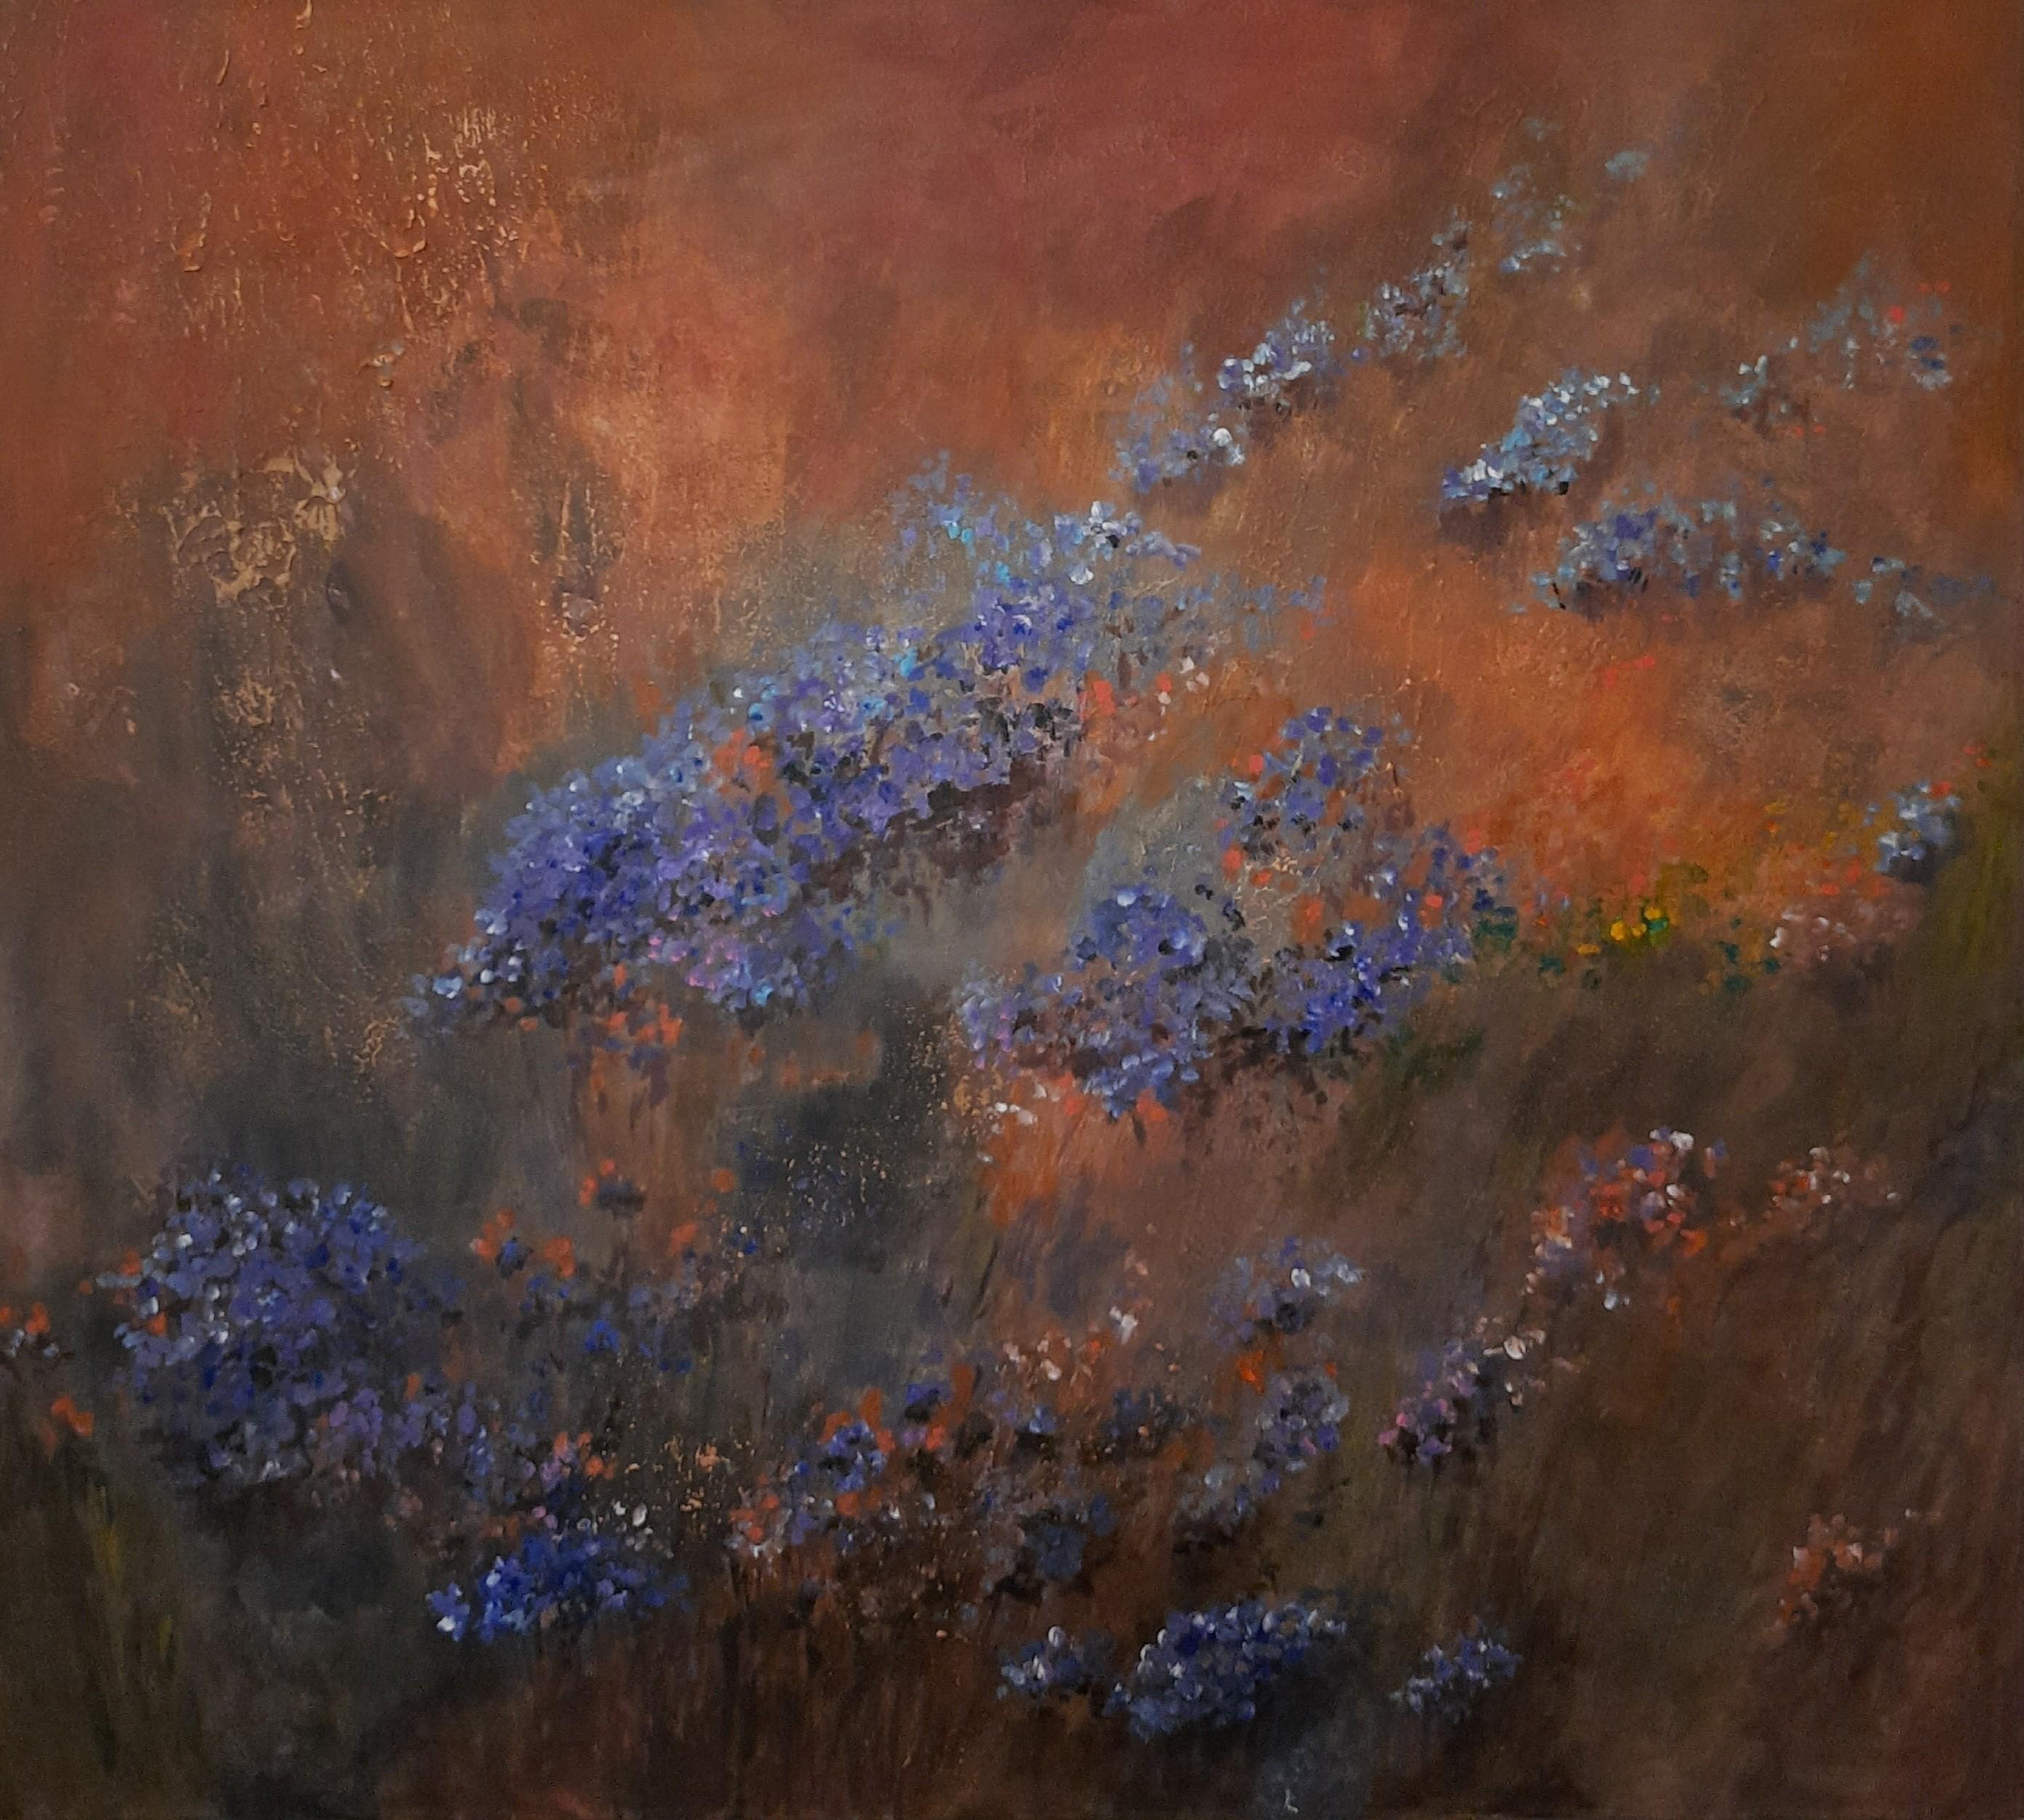 Wild bloomers by Jean wijesekera